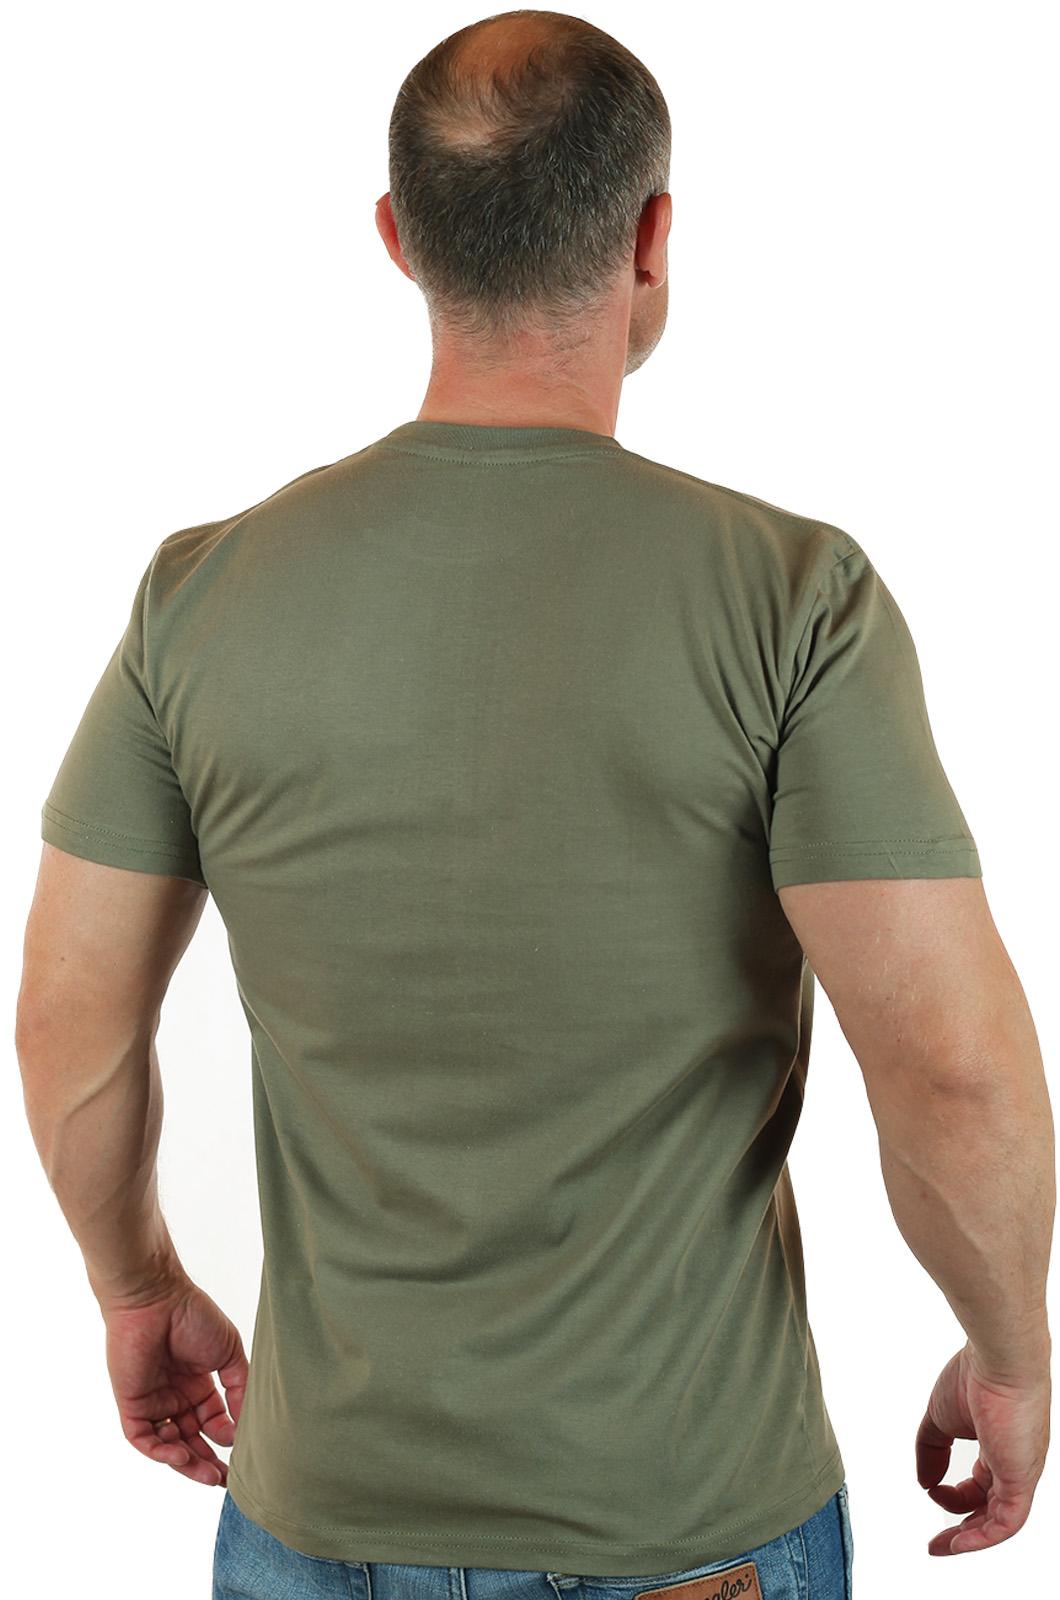 Заказать в интернете футболку с коротким рукавом